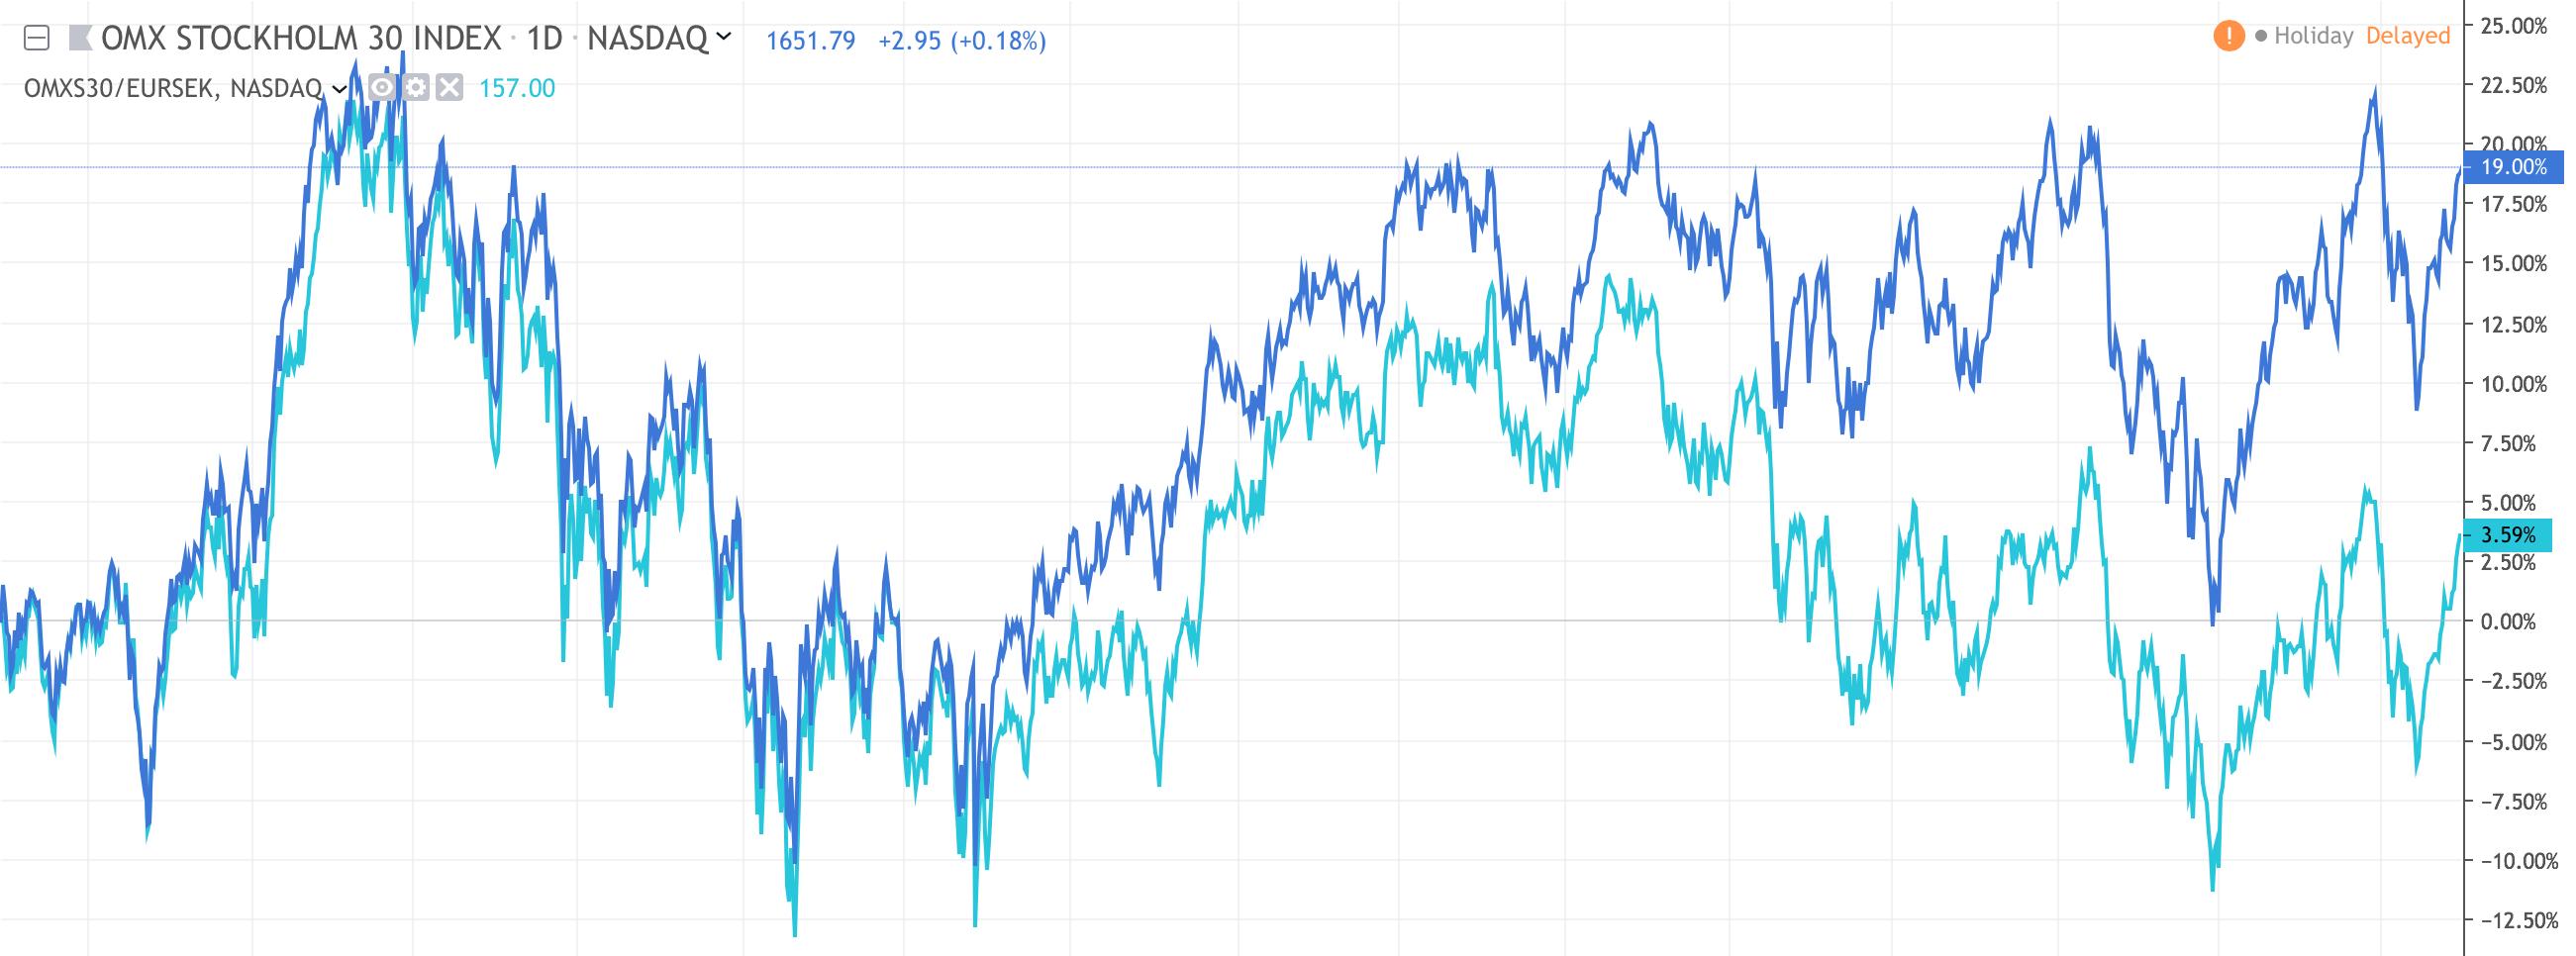 Hur går börsen egentligen? I bilden har vi plottat kursgrafen för OMXS30 de senaste 5 åren mätt i kronor (mörkblå linje) och jämfört med OMXS30 prissatt i euro (ljusblå linje).